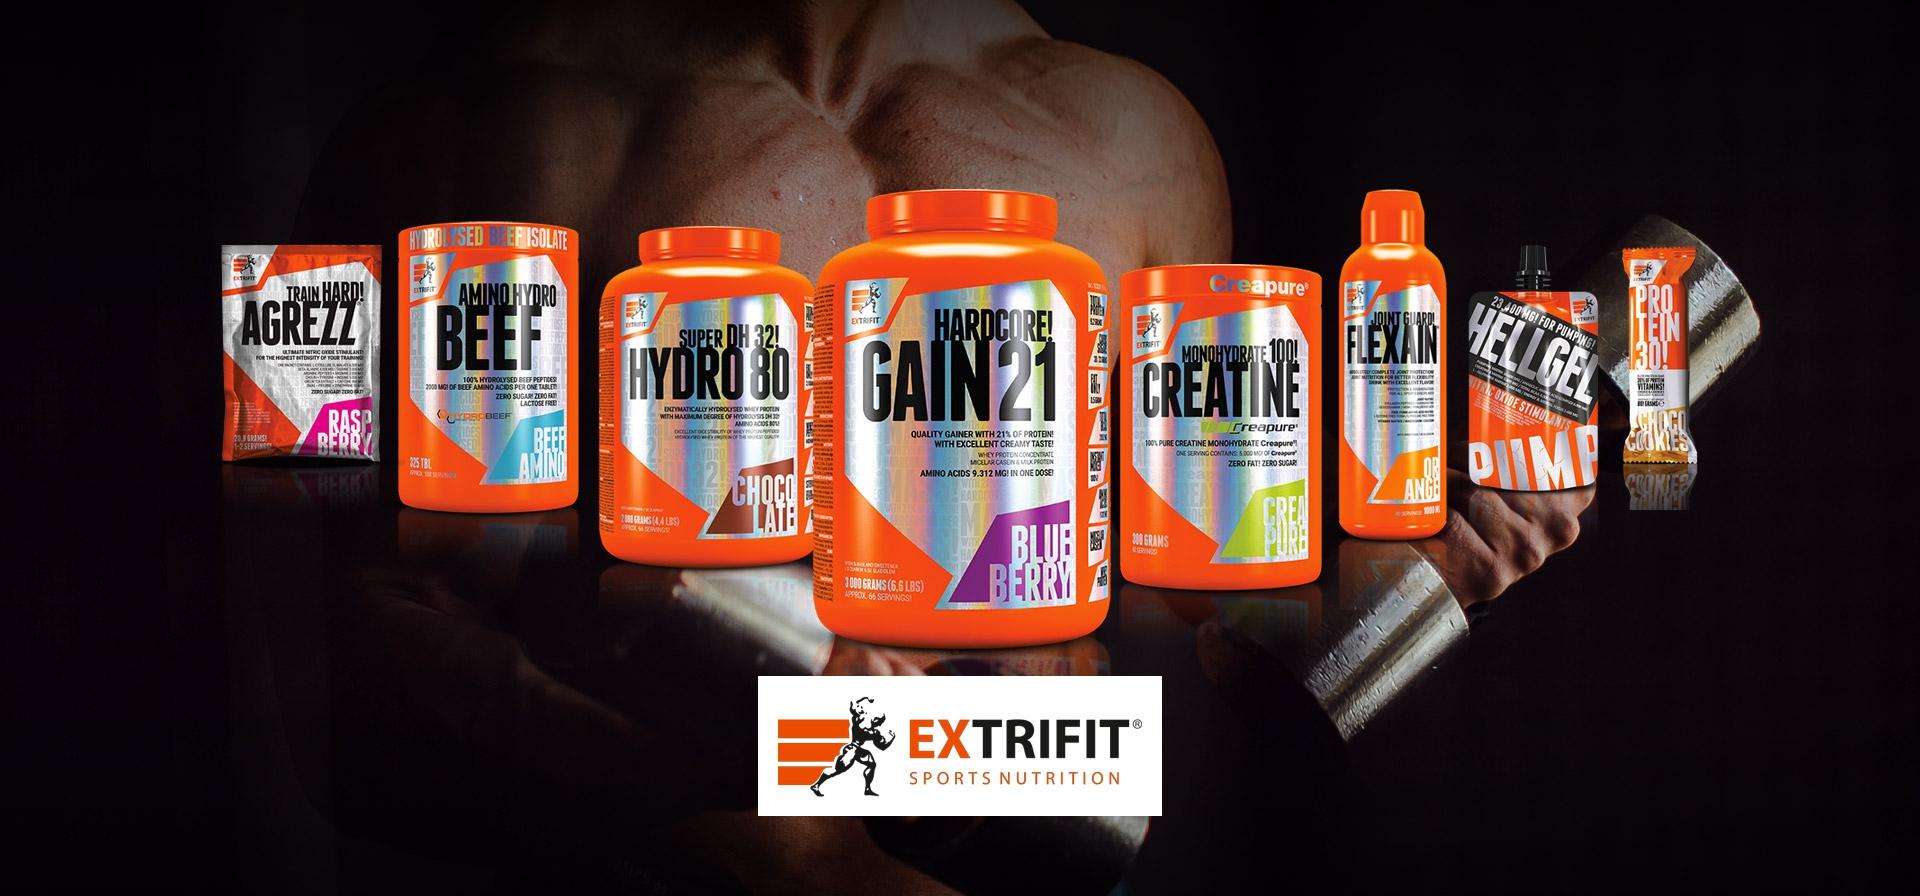 Découvrez notre gamme exclusive de produits de nutrition sportive Extrifit